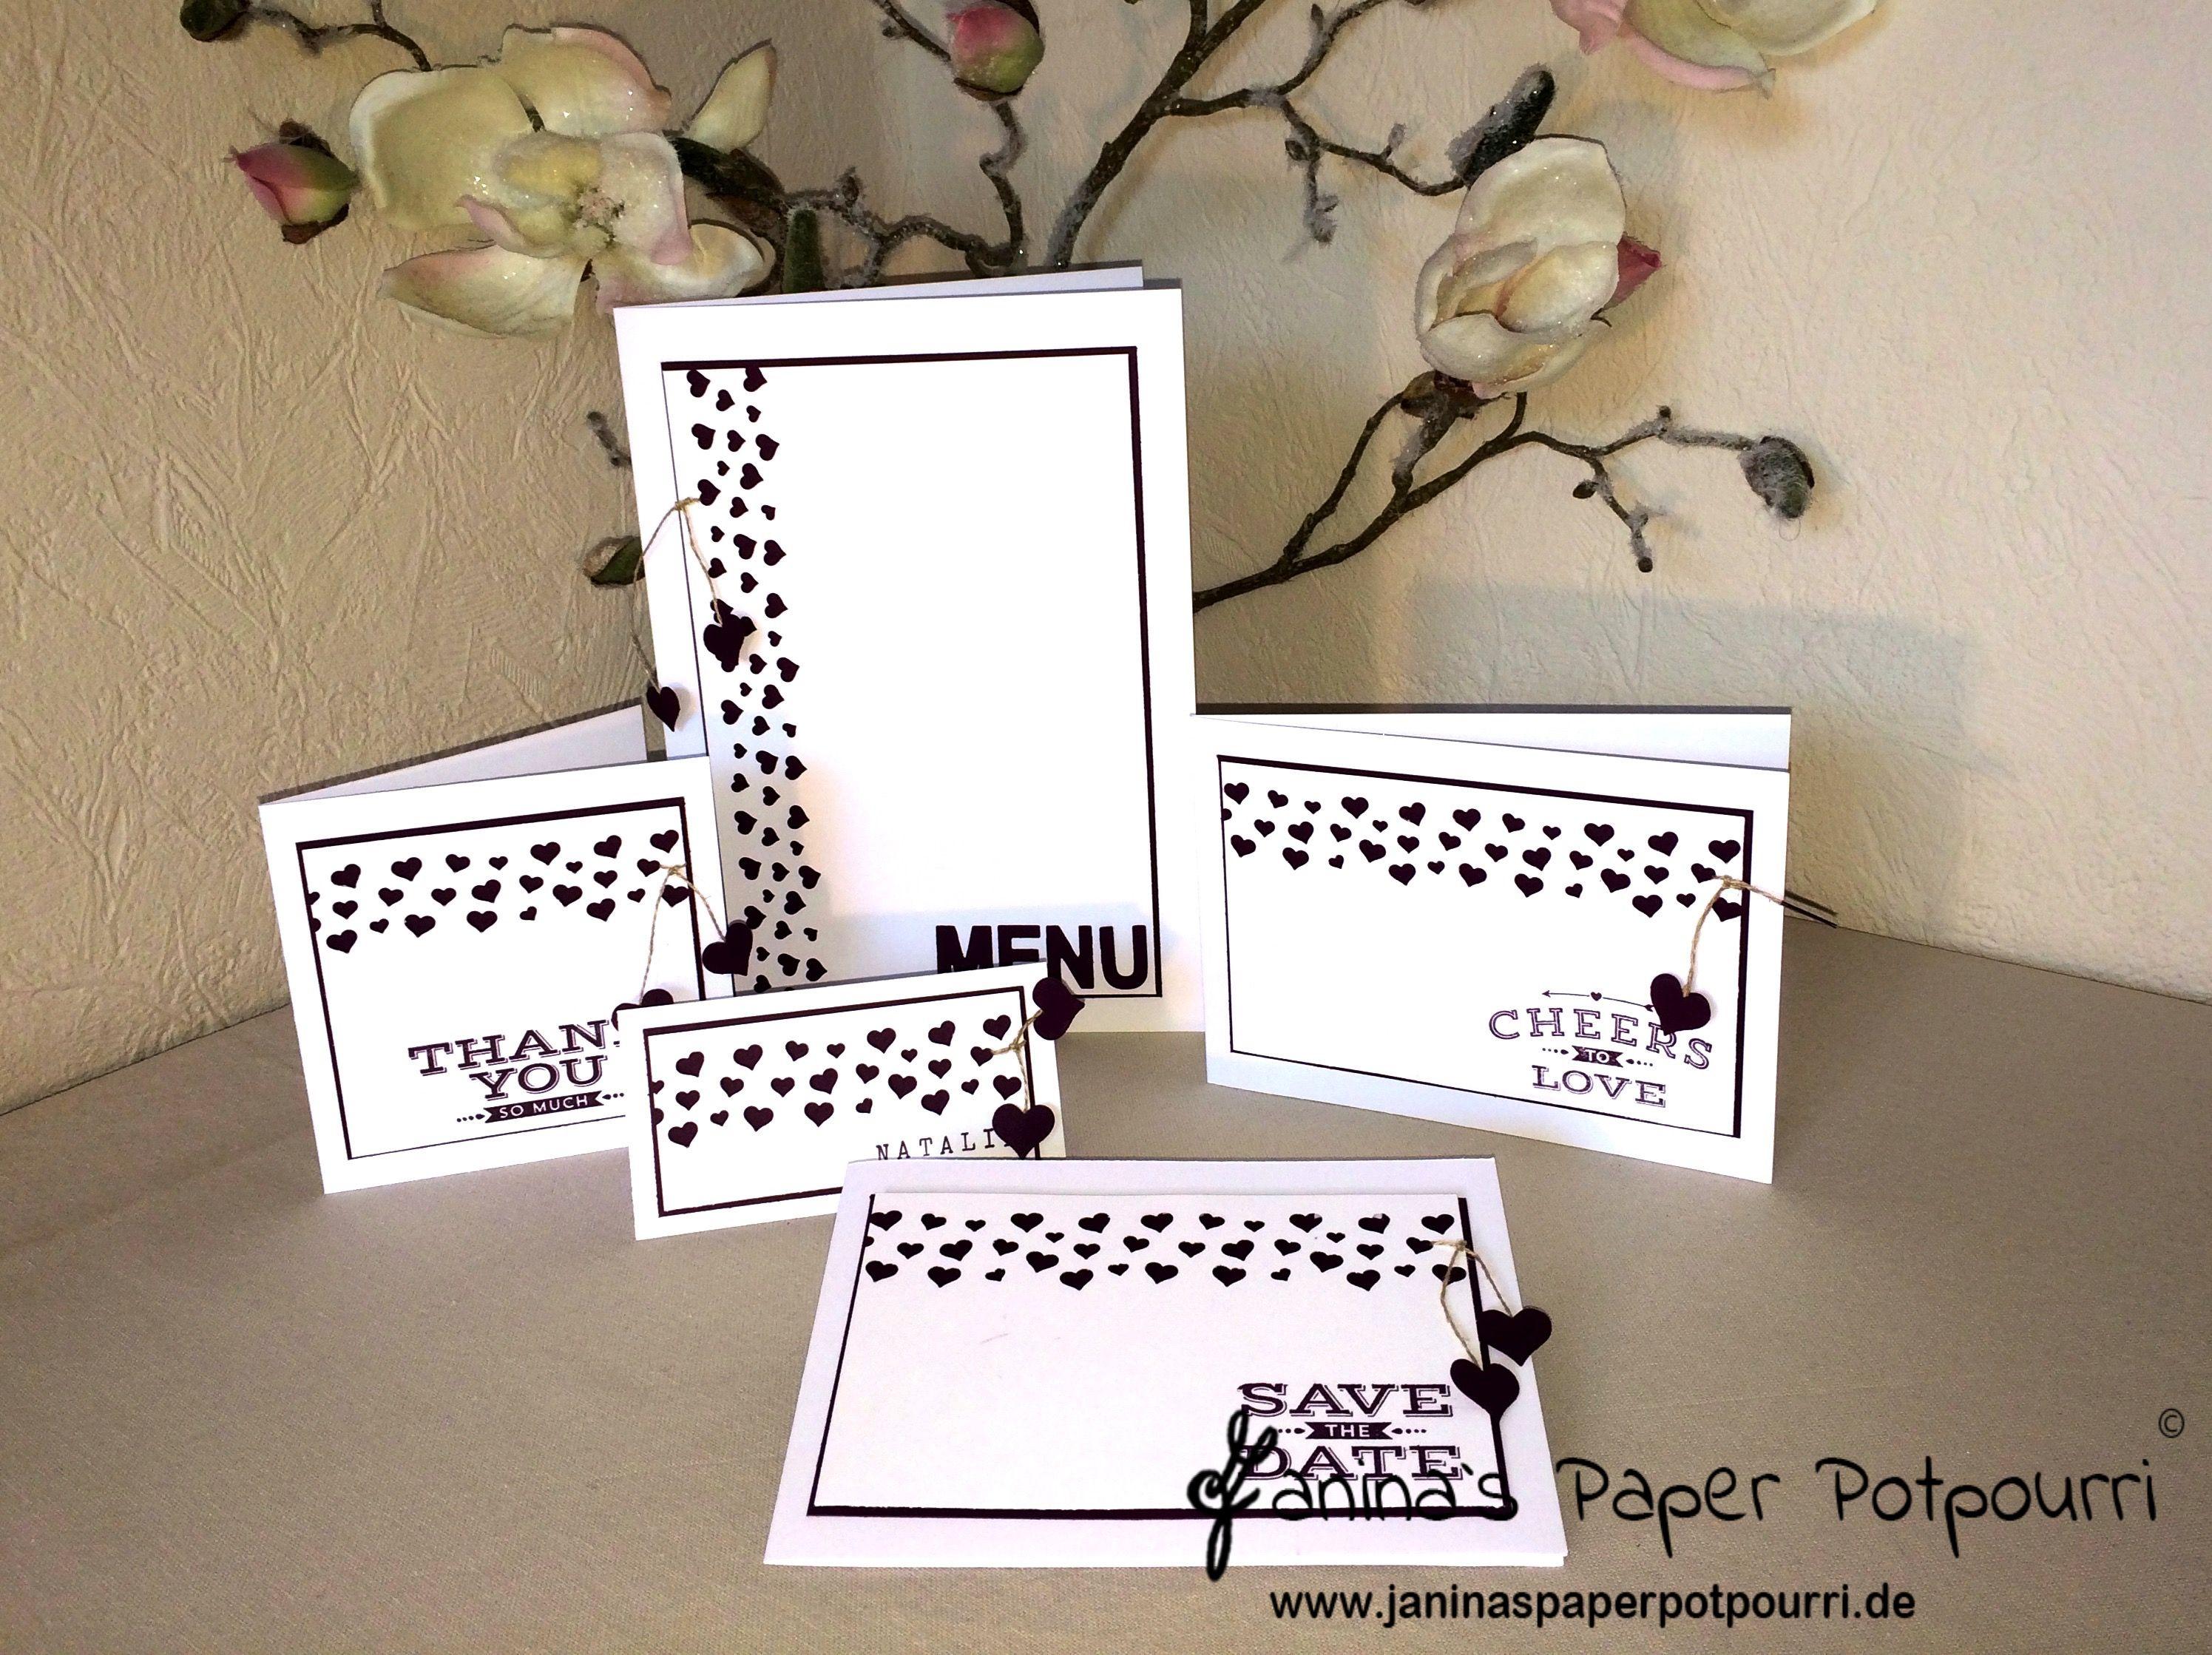 Herzkonfetti hochzeit papeterie wedding stationary menu tischkarte einladung save the date danke stampin up herzkonfetti stanze cheers to